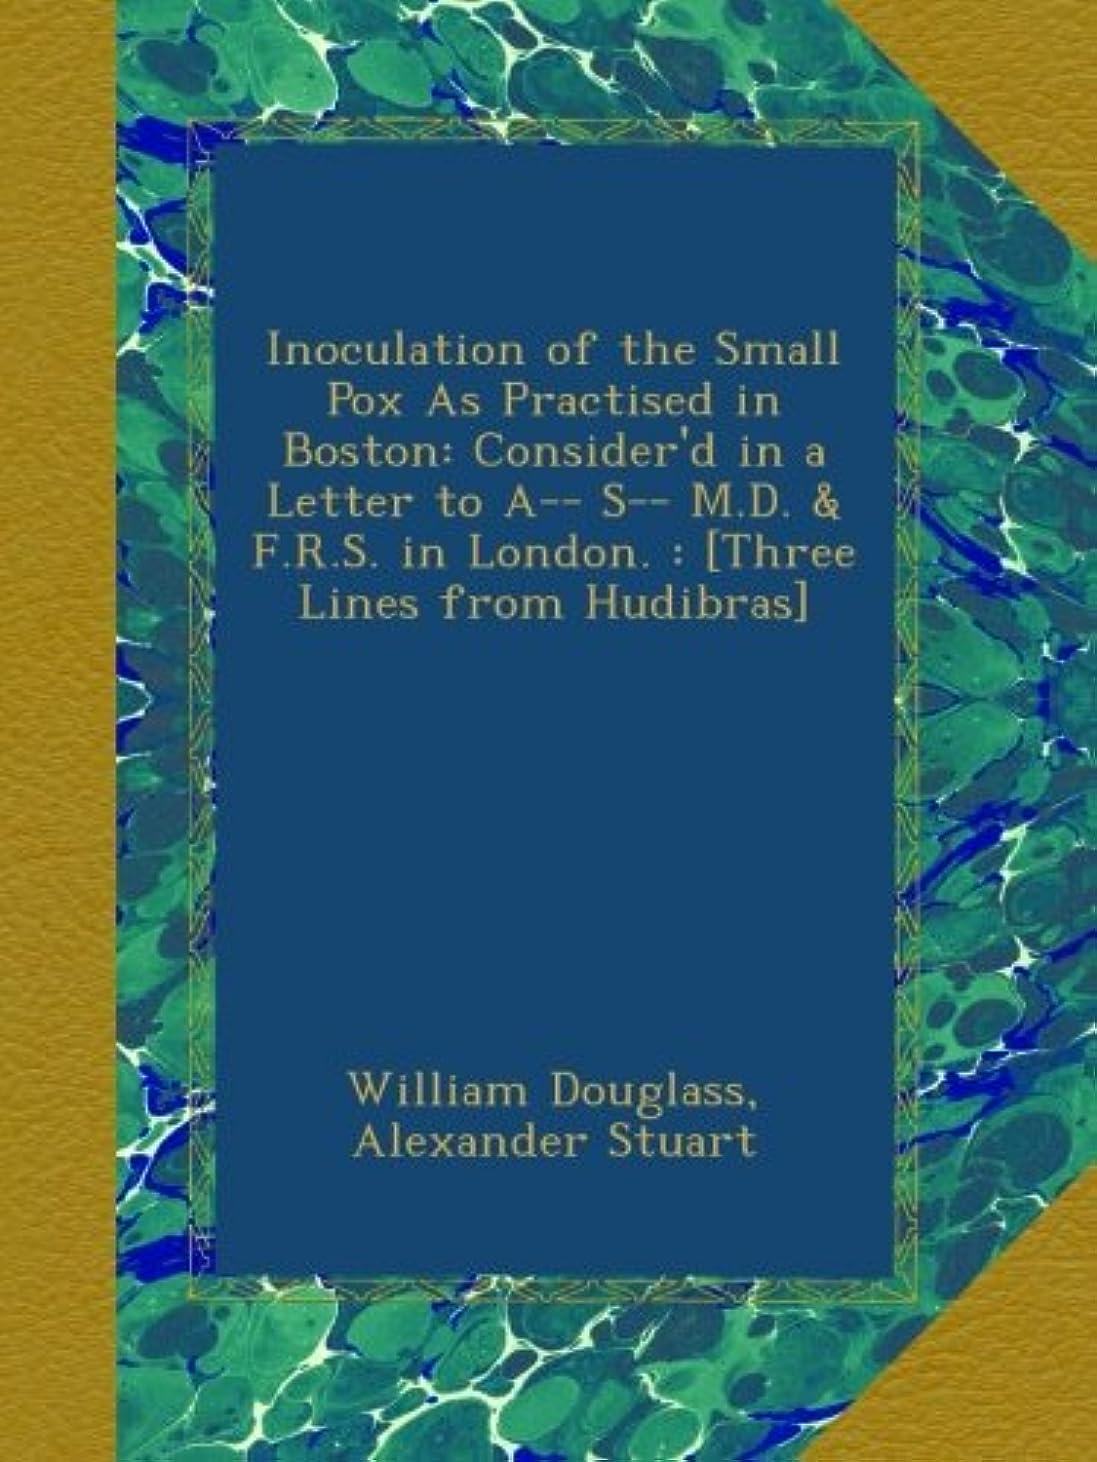 昨日消費する家禽Inoculation of the Small Pox As Practised in Boston: Consider'd in a Letter to A-- S-- M.D. & F.R.S. in London. : [Three Lines from Hudibras]